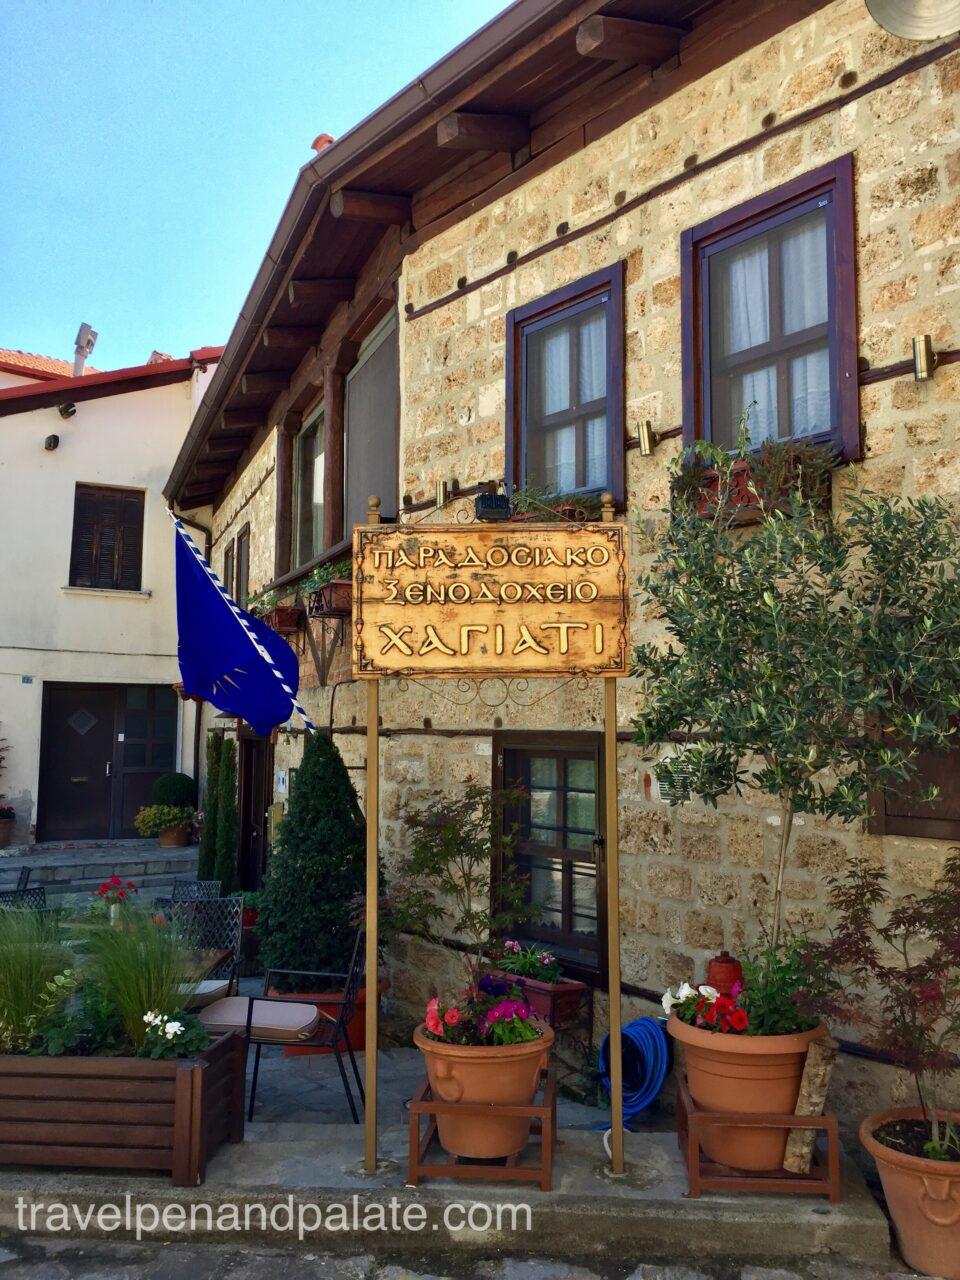 exterior of Hotal Hagiati